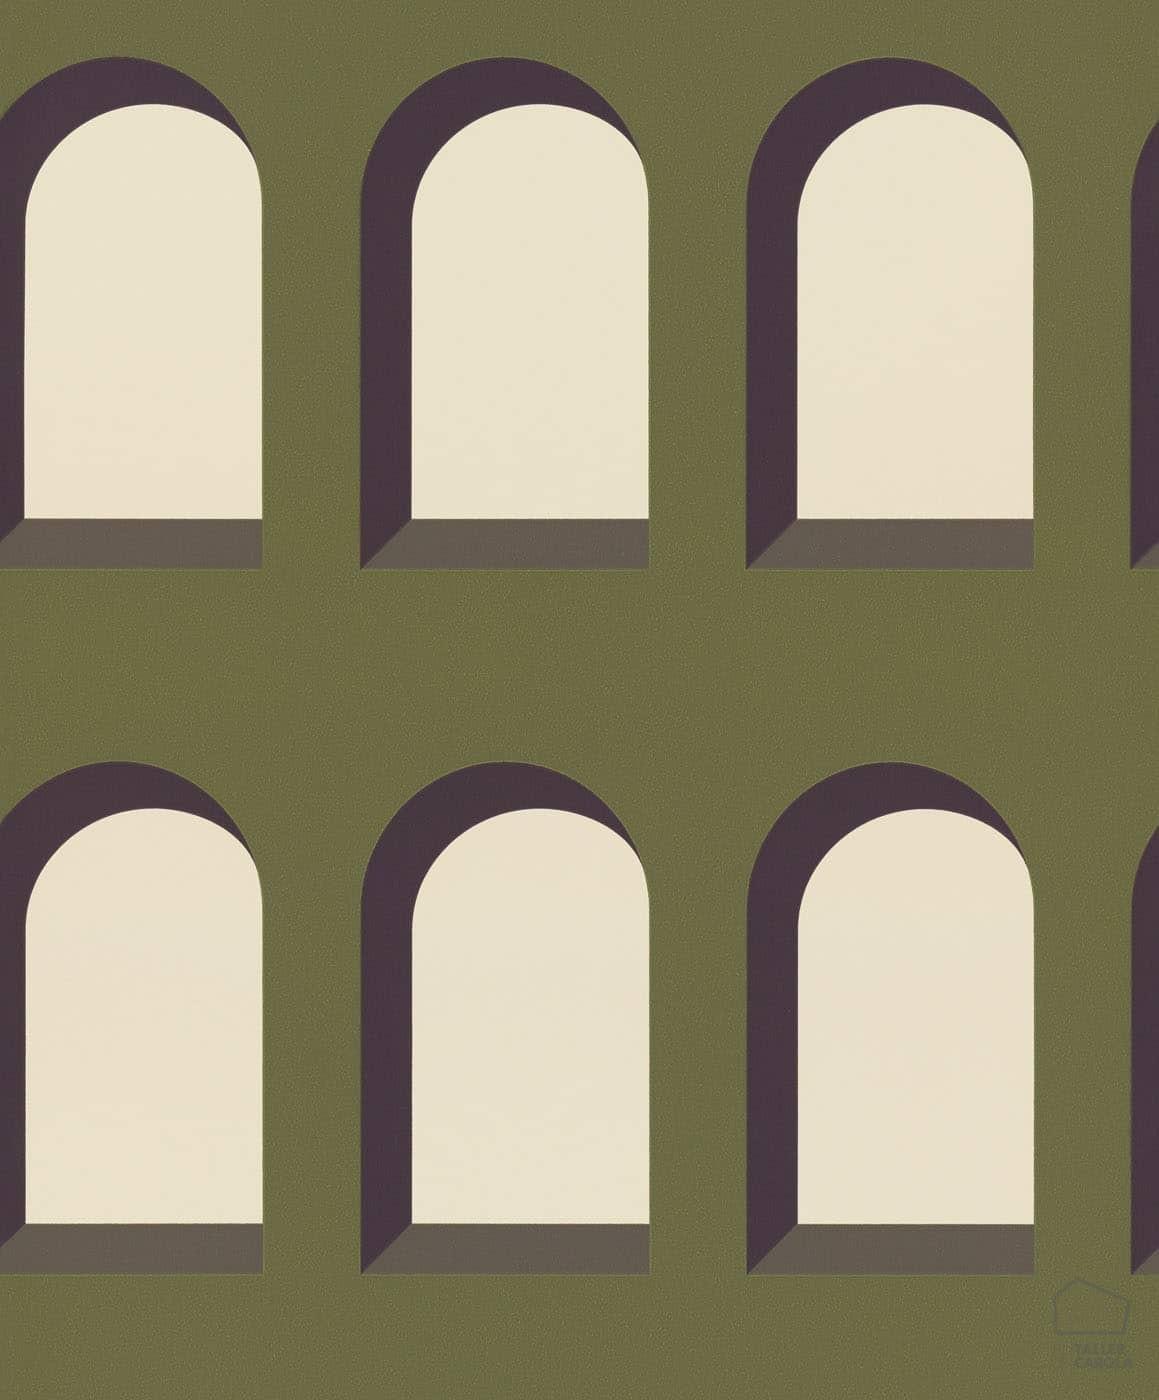 059hot-mar801-78-papel-pintado-geometrico-arcos-verde-1